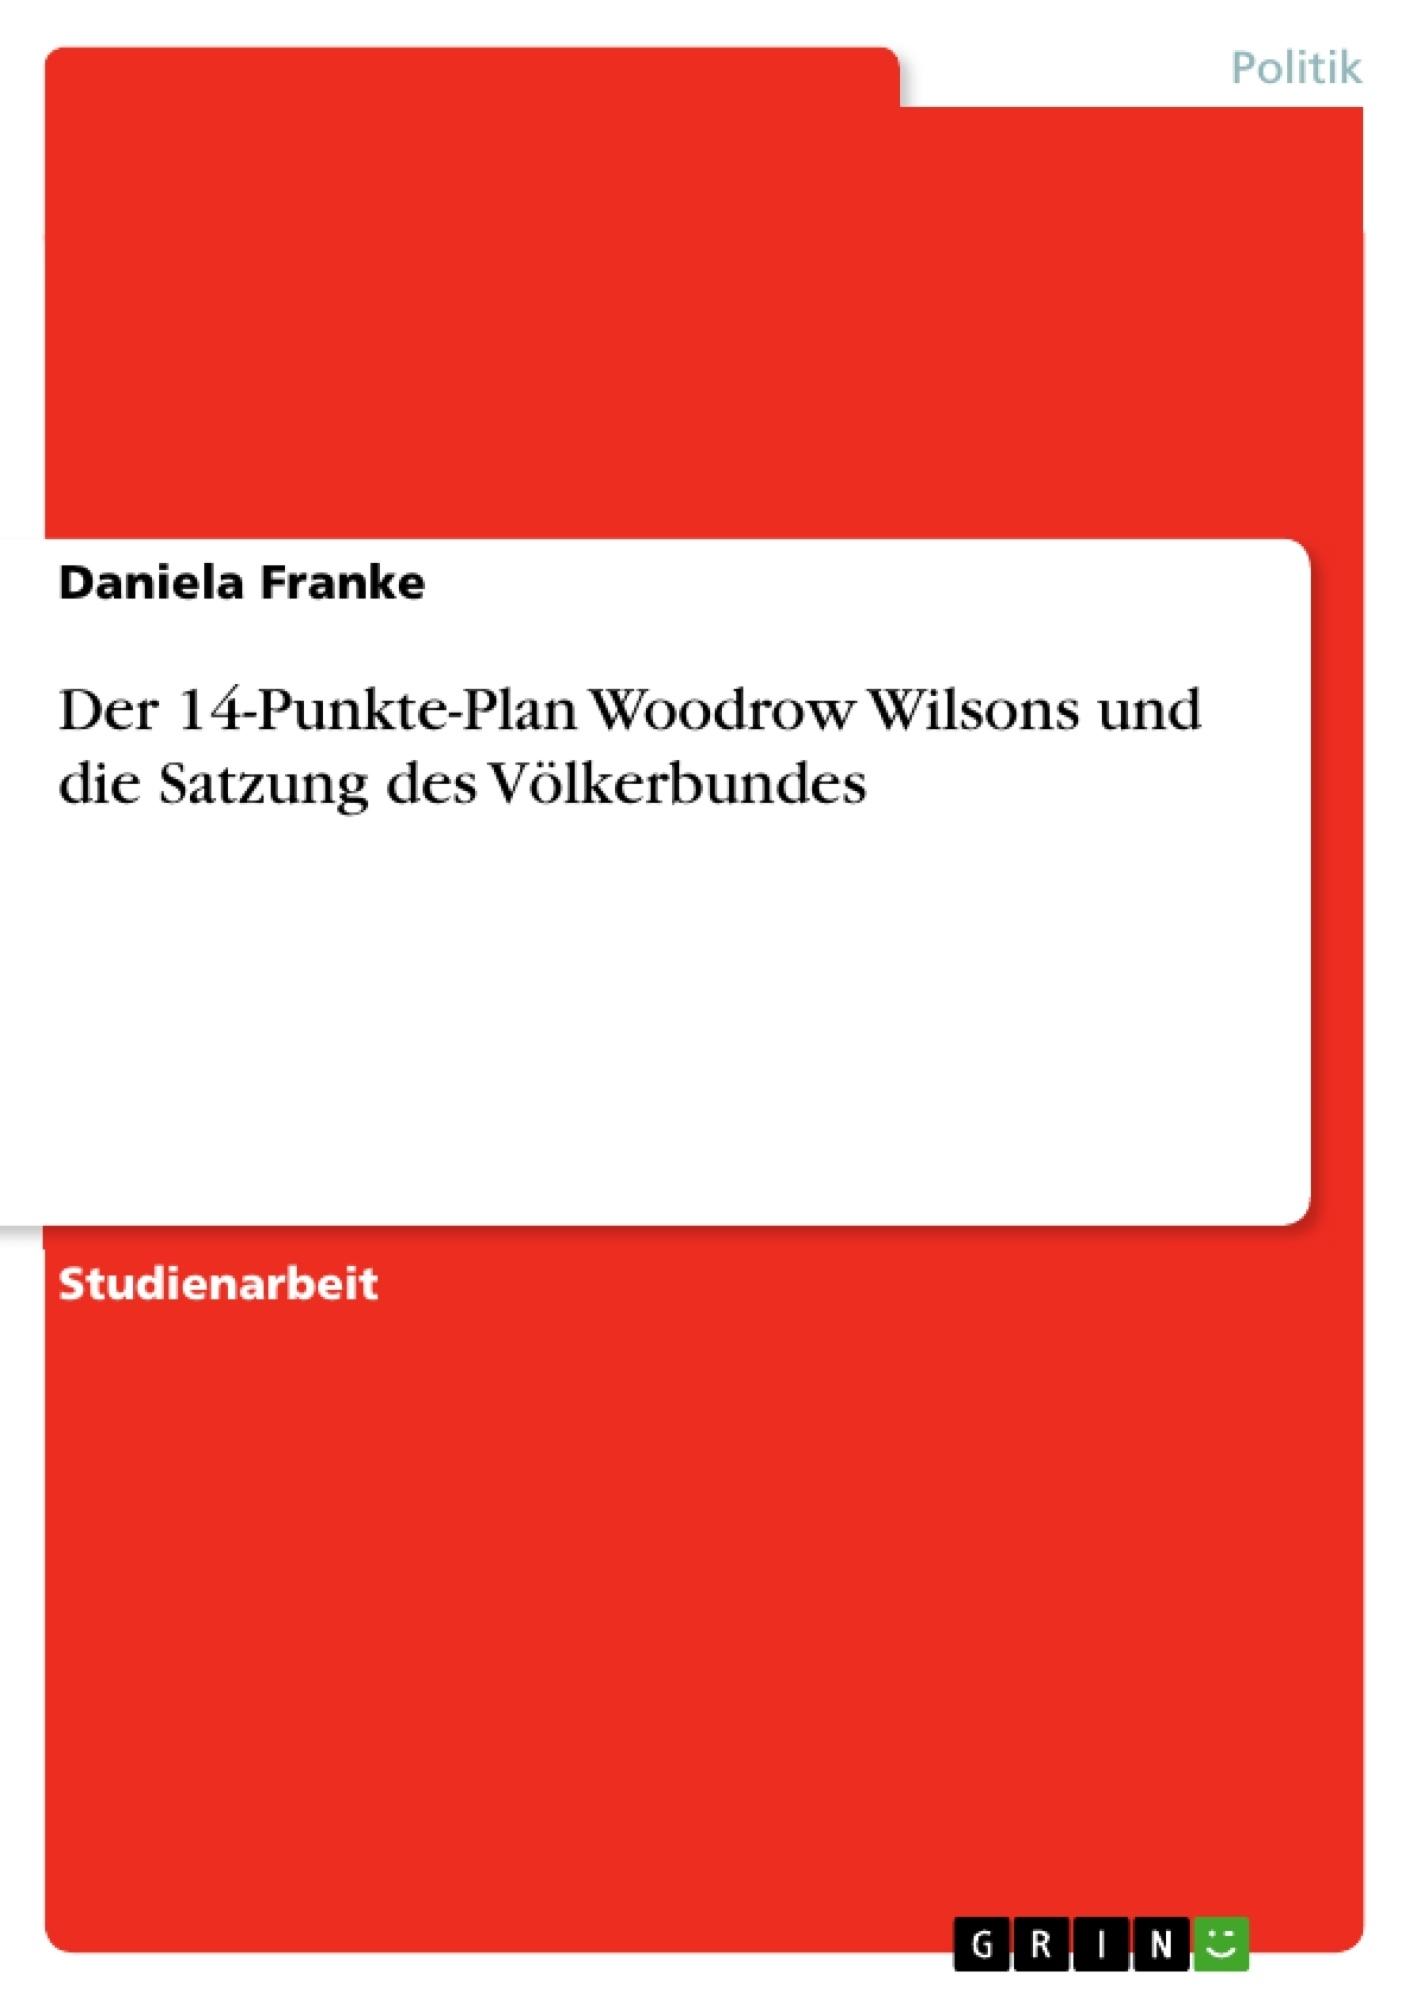 Titel: Der 14-Punkte-Plan Woodrow Wilsons und die Satzung des Völkerbundes